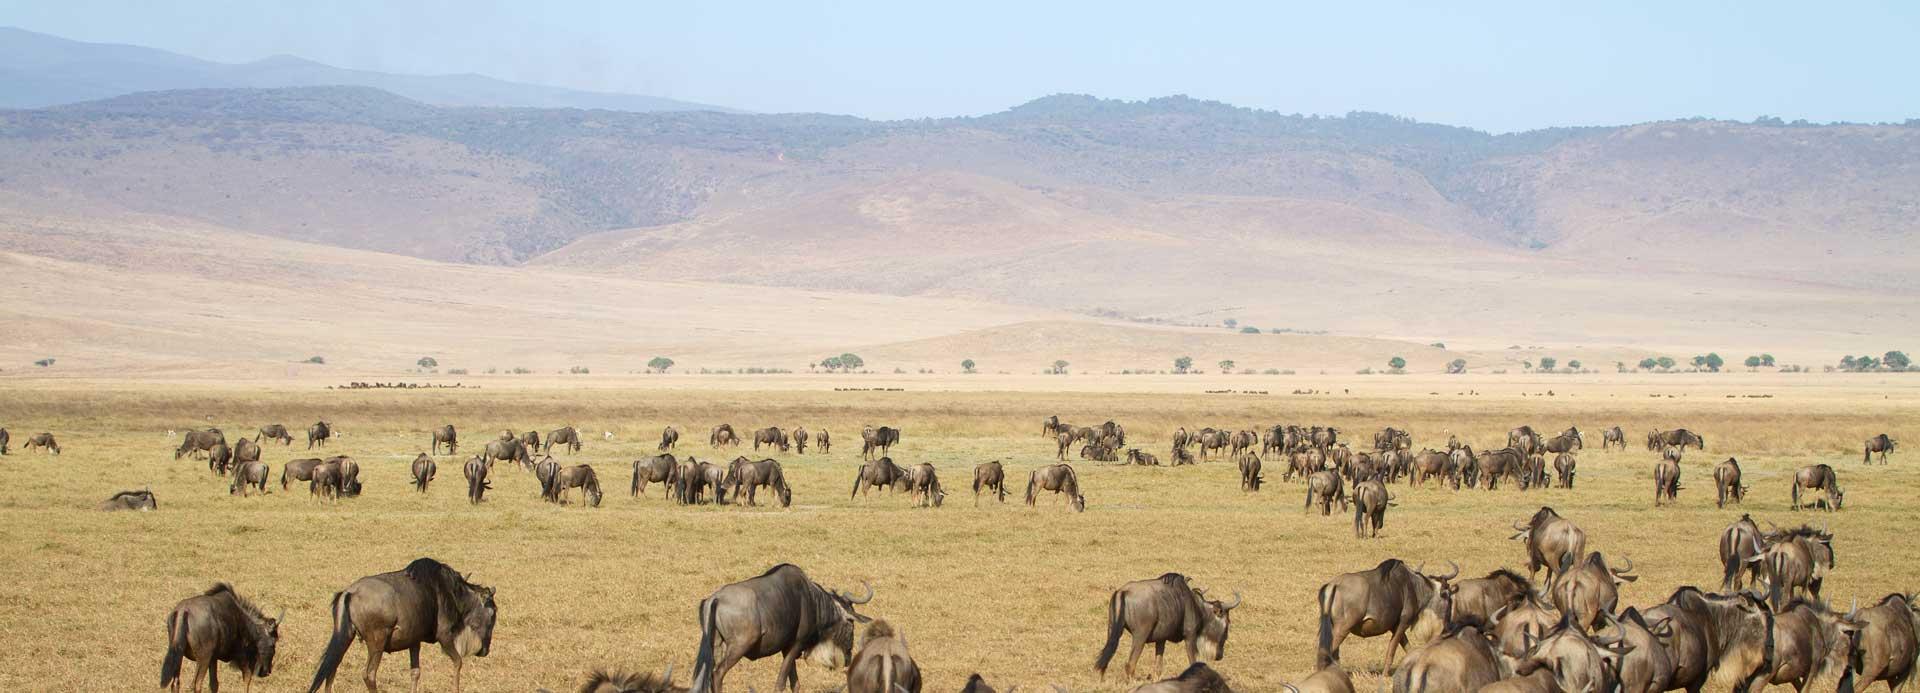 2 Day Safari To Ngorongoro Crater Look Tanzania Safari